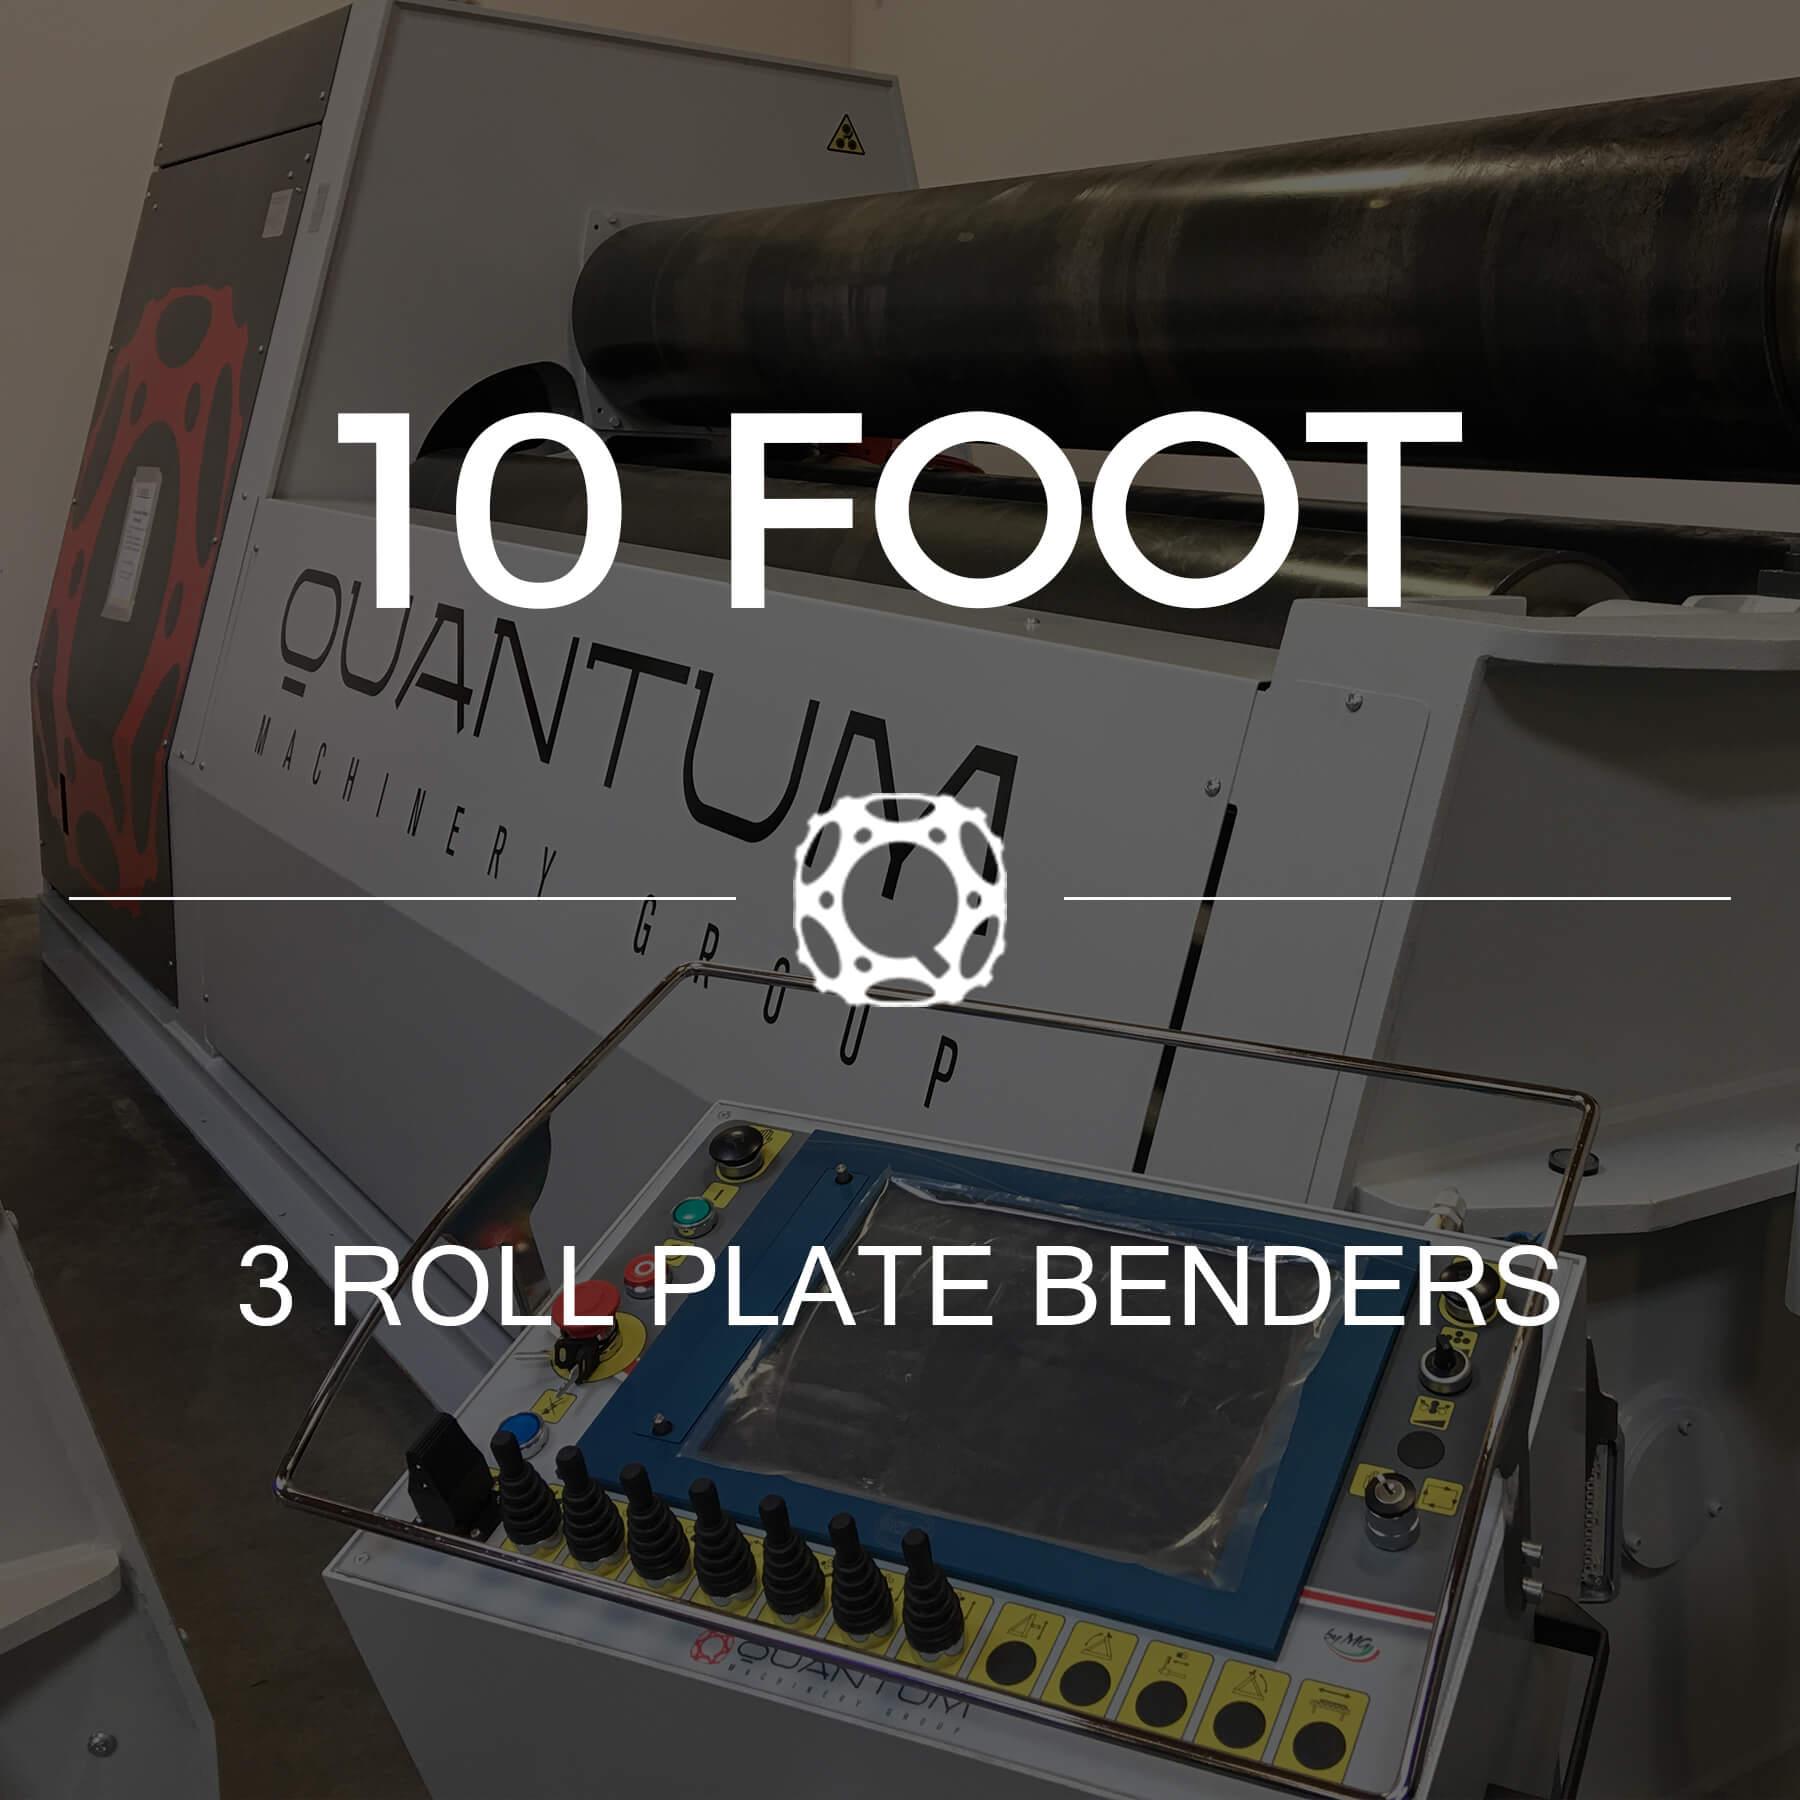 10 Foot - 3 Roll Plate Benders (1).jpg